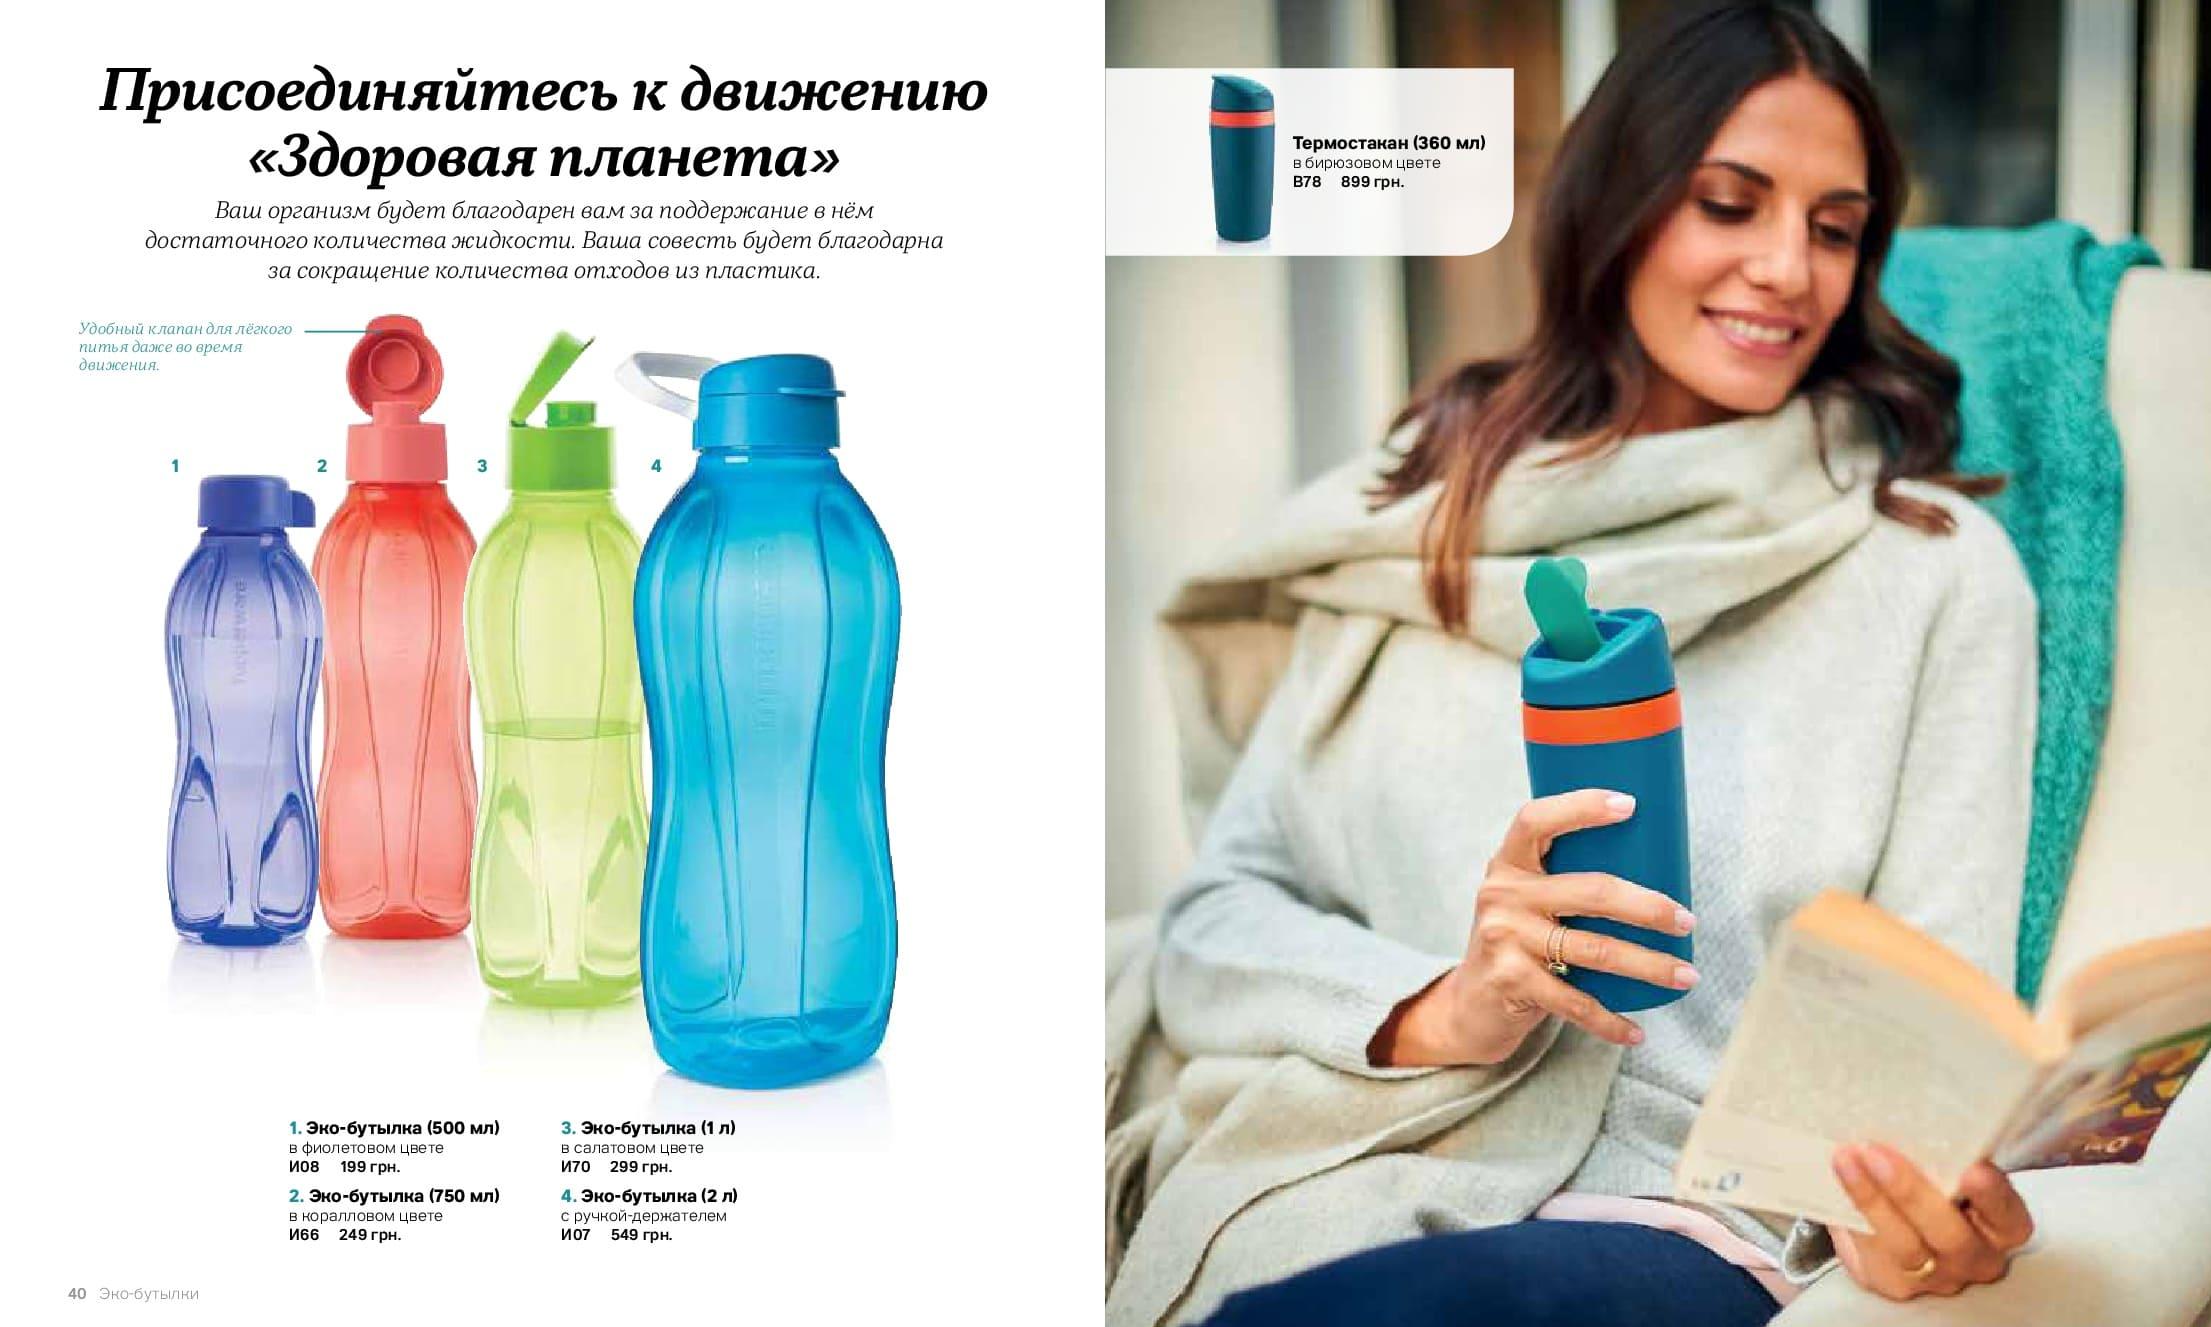 Tupperware - это бутылки которые помогают иметь чистую и вкусную питьевую воду всегда с собой.